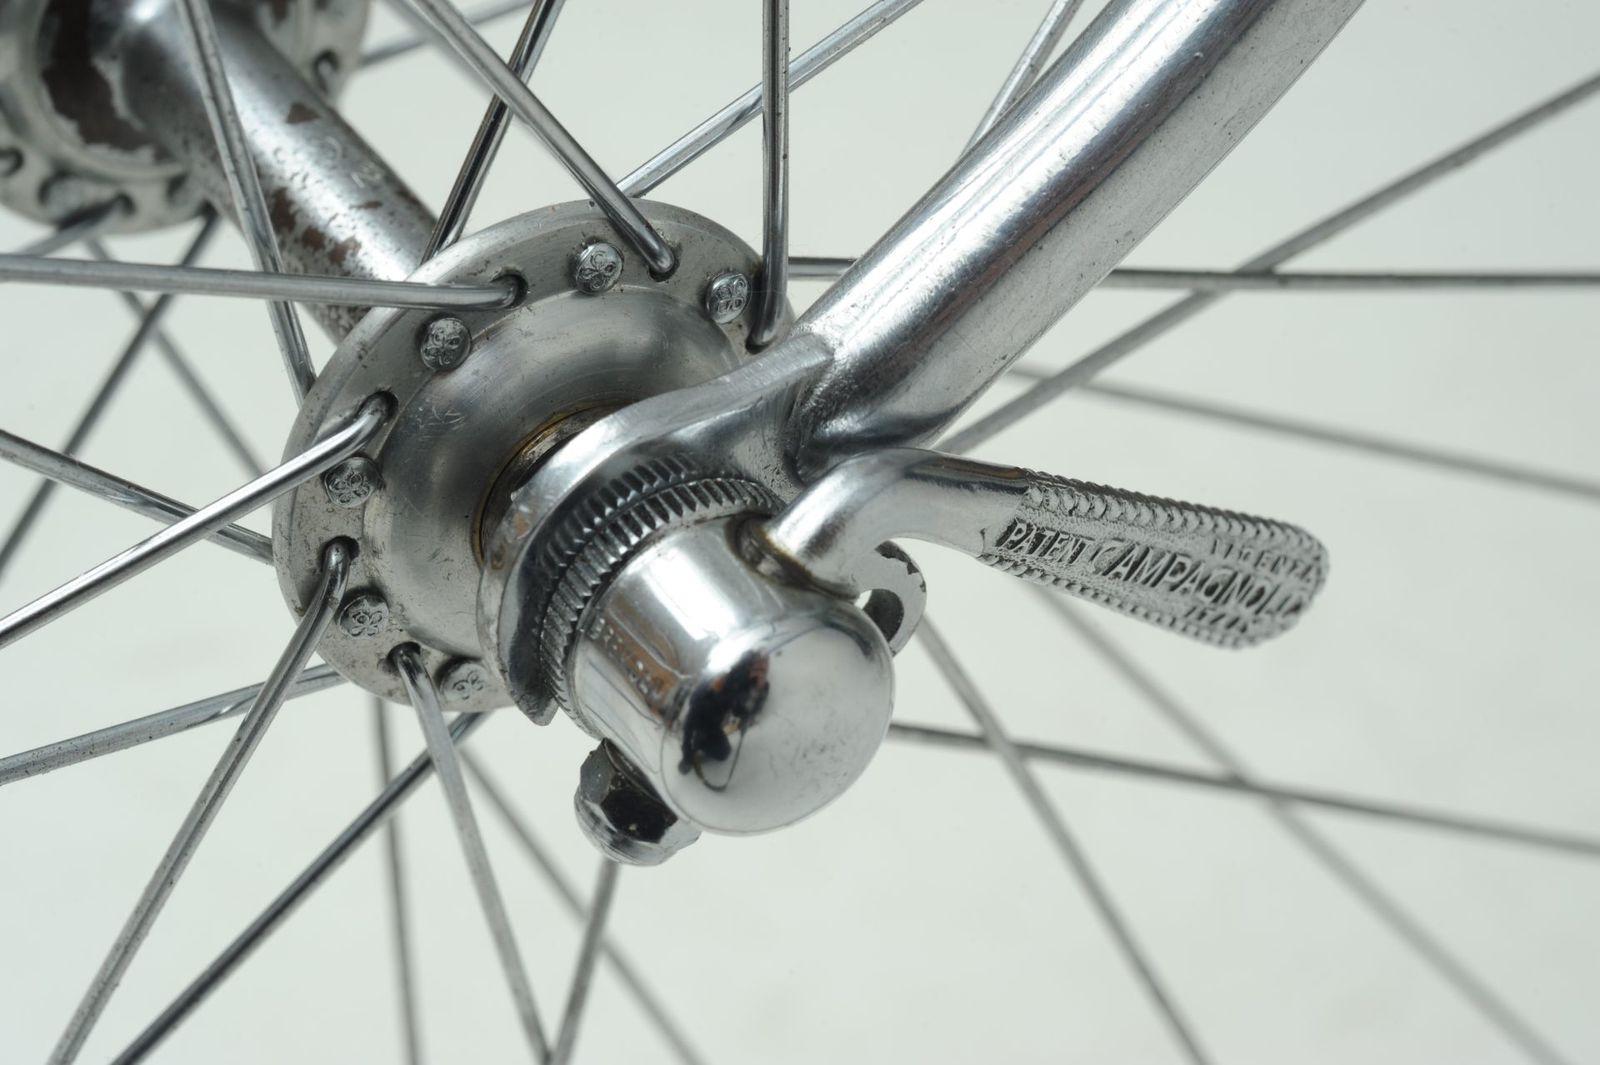 Vélo St Raphaël-Géminiani-Dunlop 1958